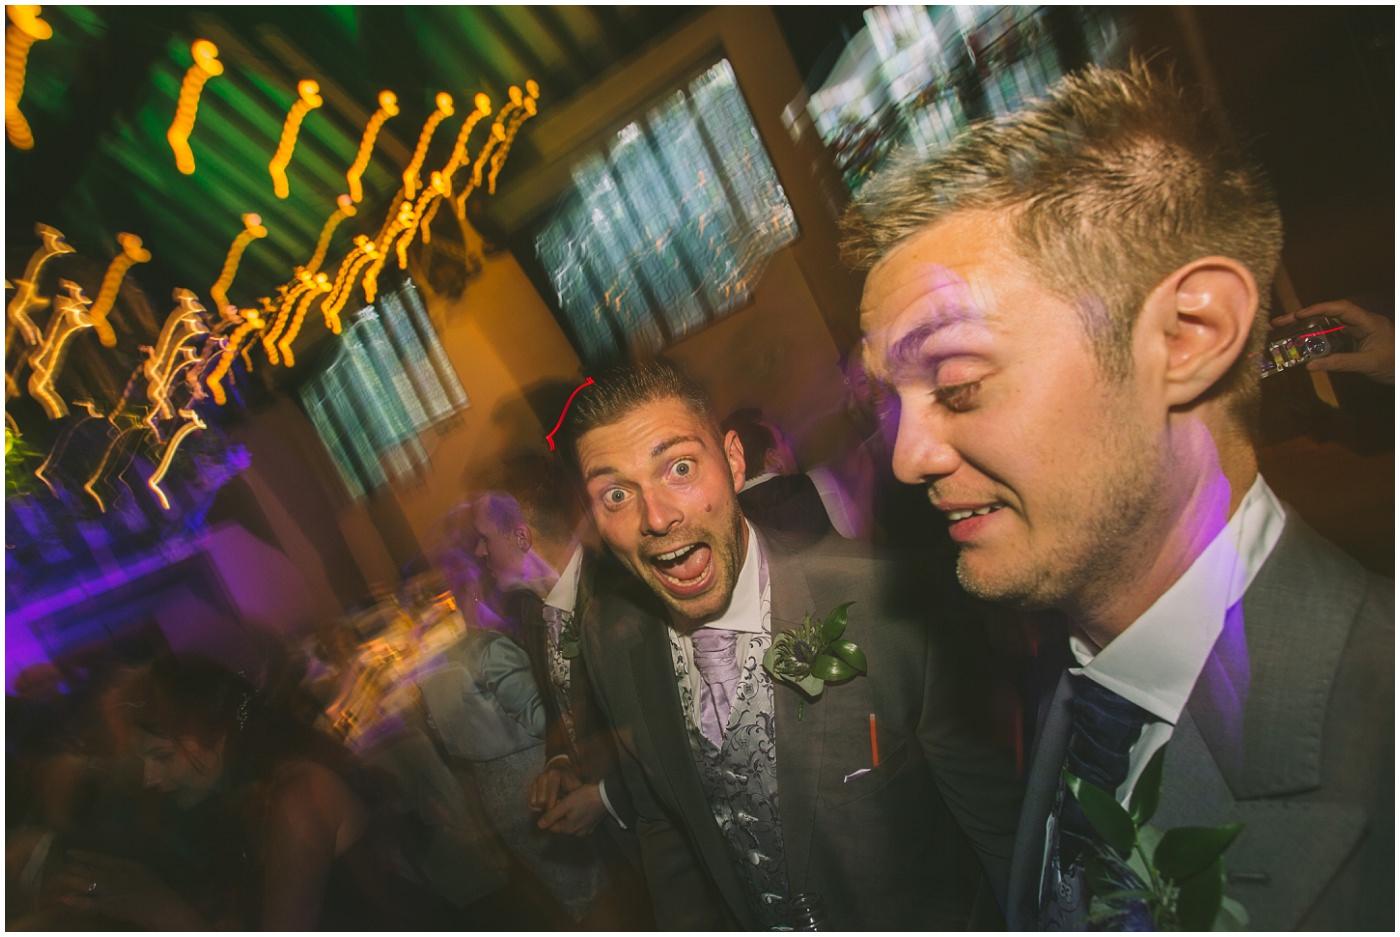 drunken groomsmen bust some moves on the dance floor